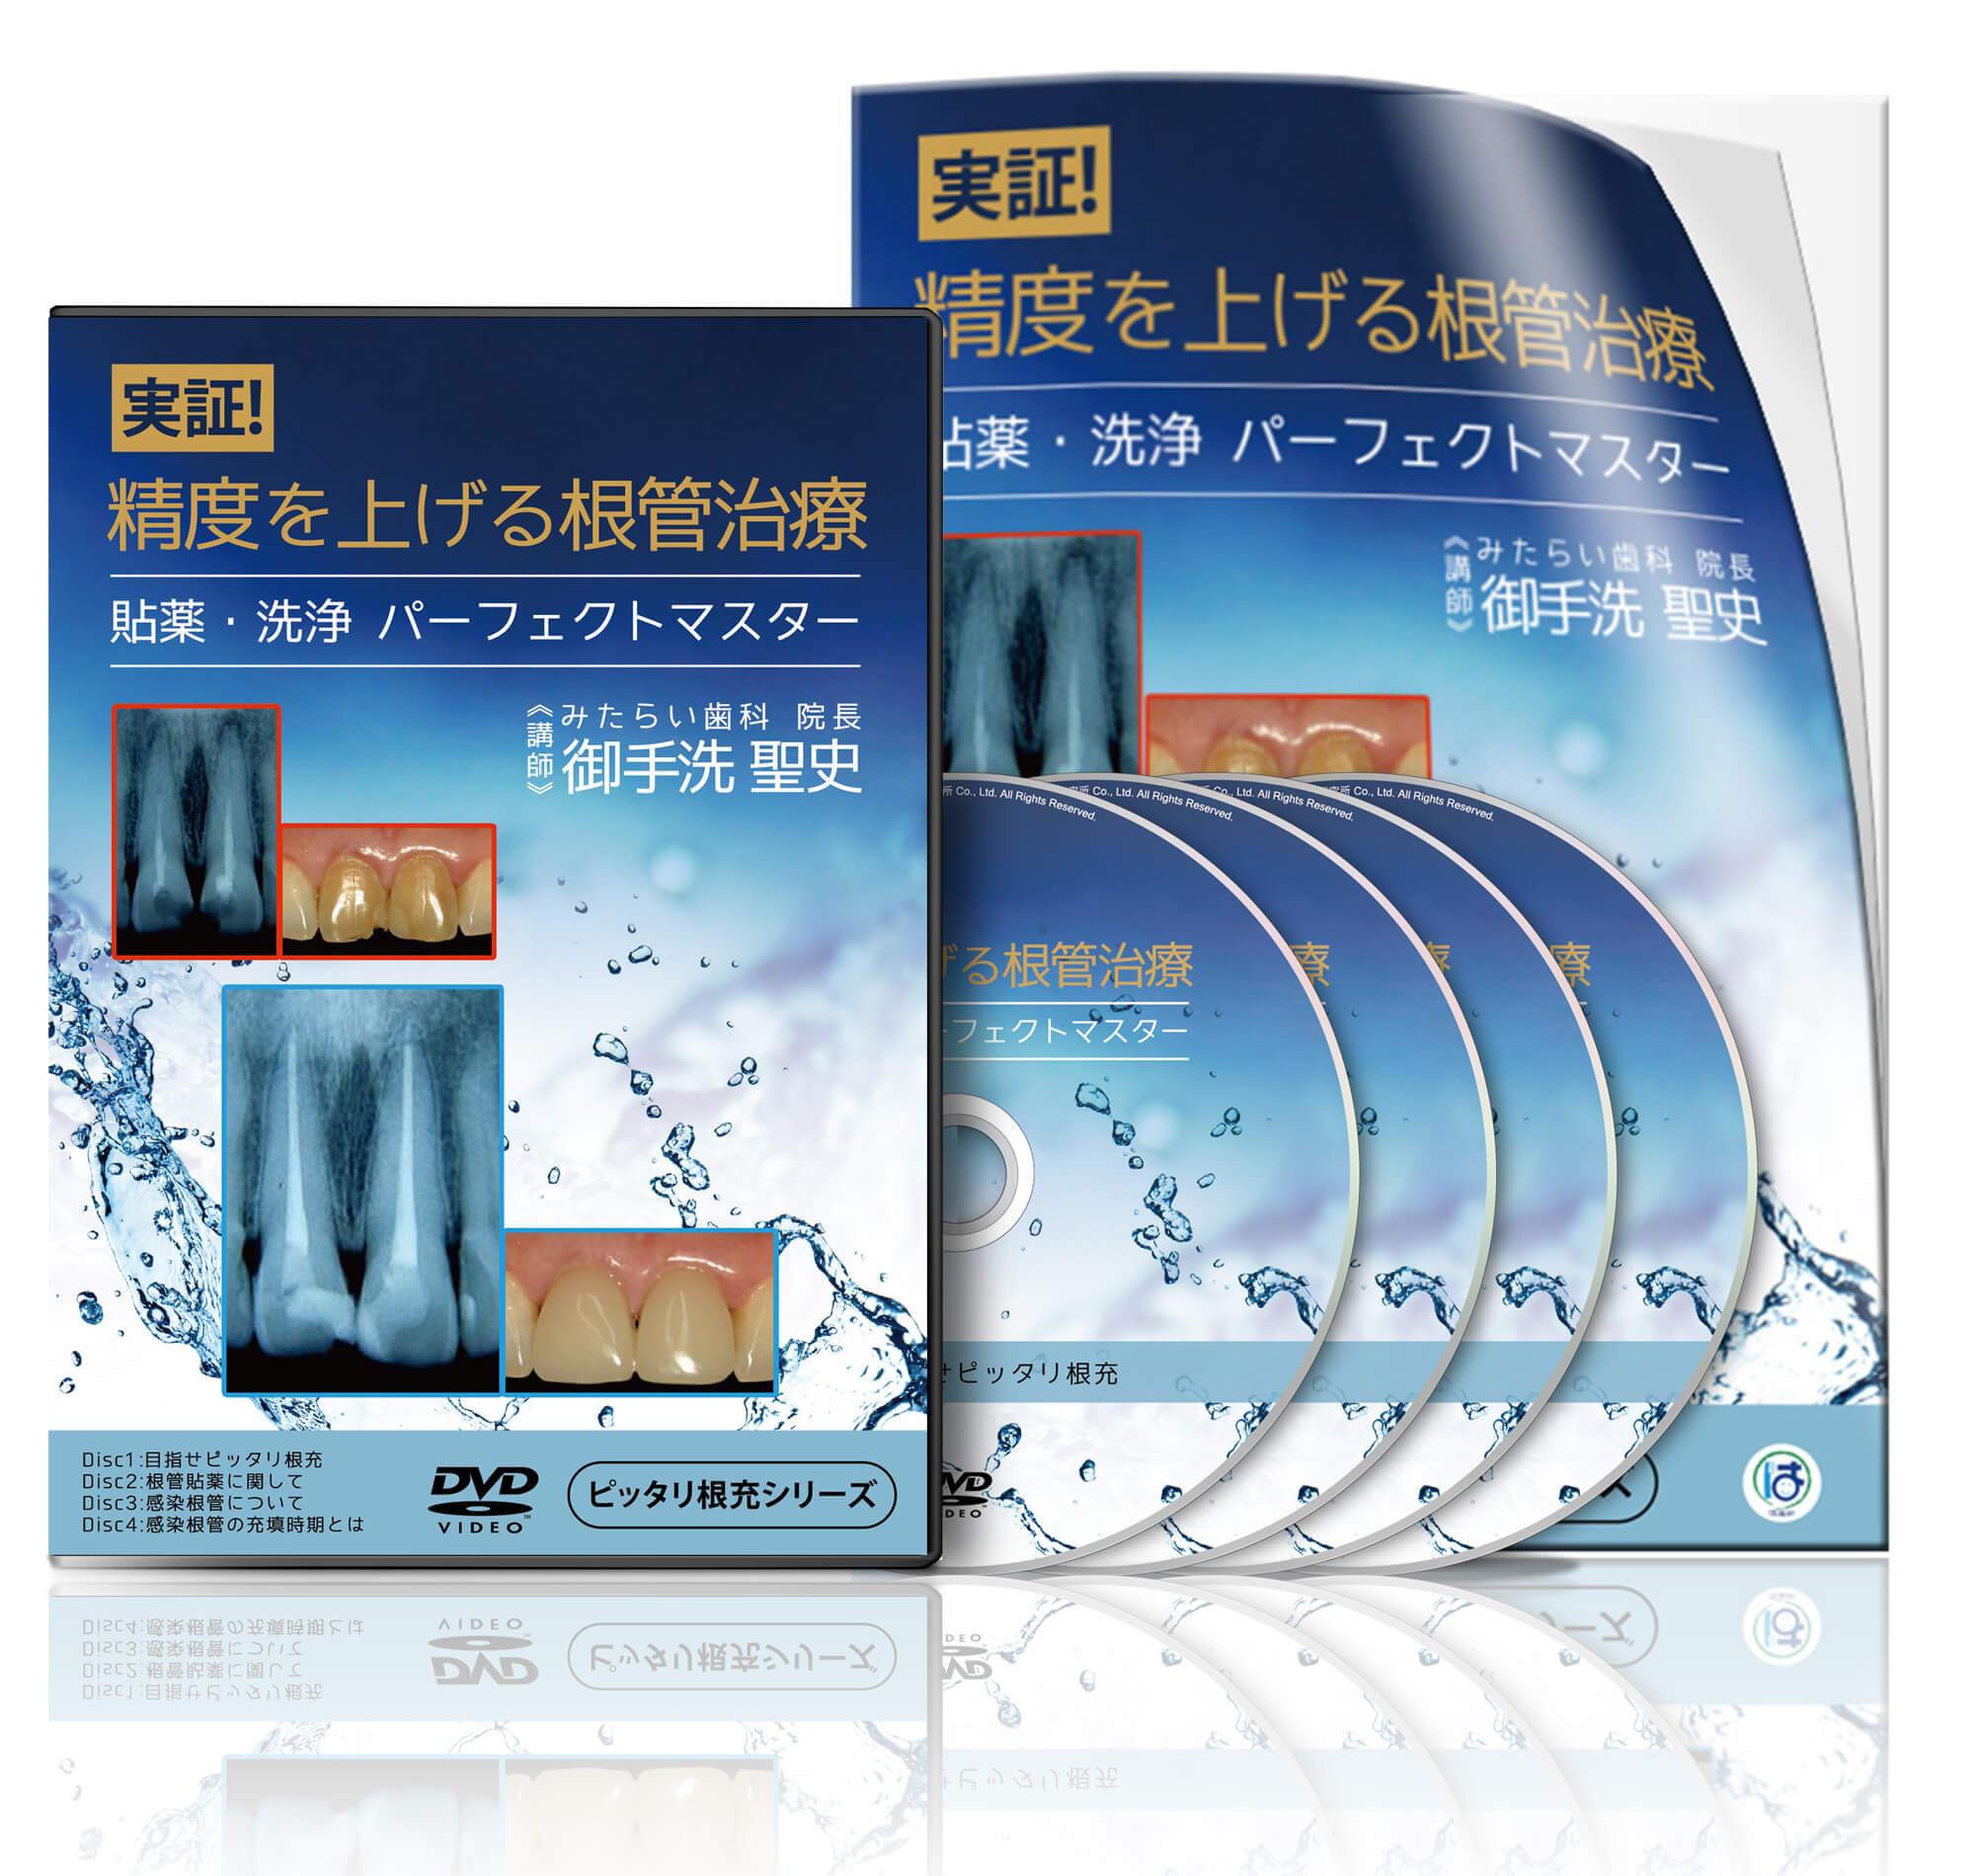 実証!精度を上げる根管治療 〜貼薬・洗浄 パーフェクトマスター〜